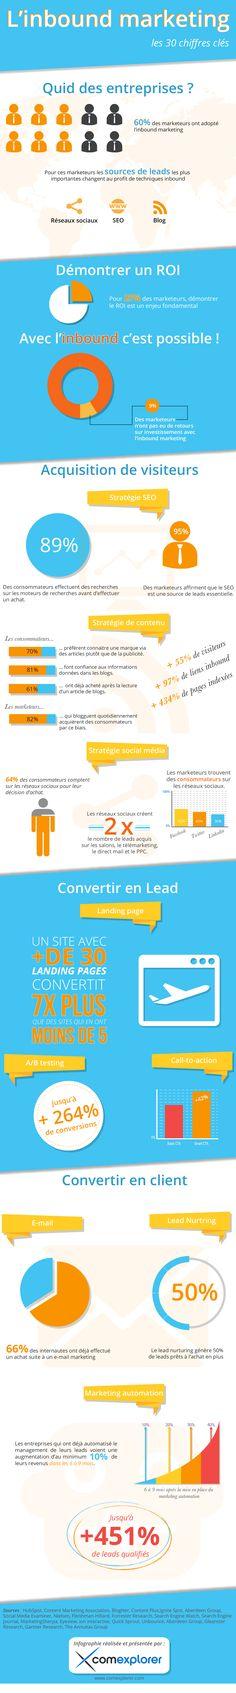 Découvrez l'infographie des 30 chiffres inbound marketing les plus importants. Générez plus de clients et augmentez vos revenus.